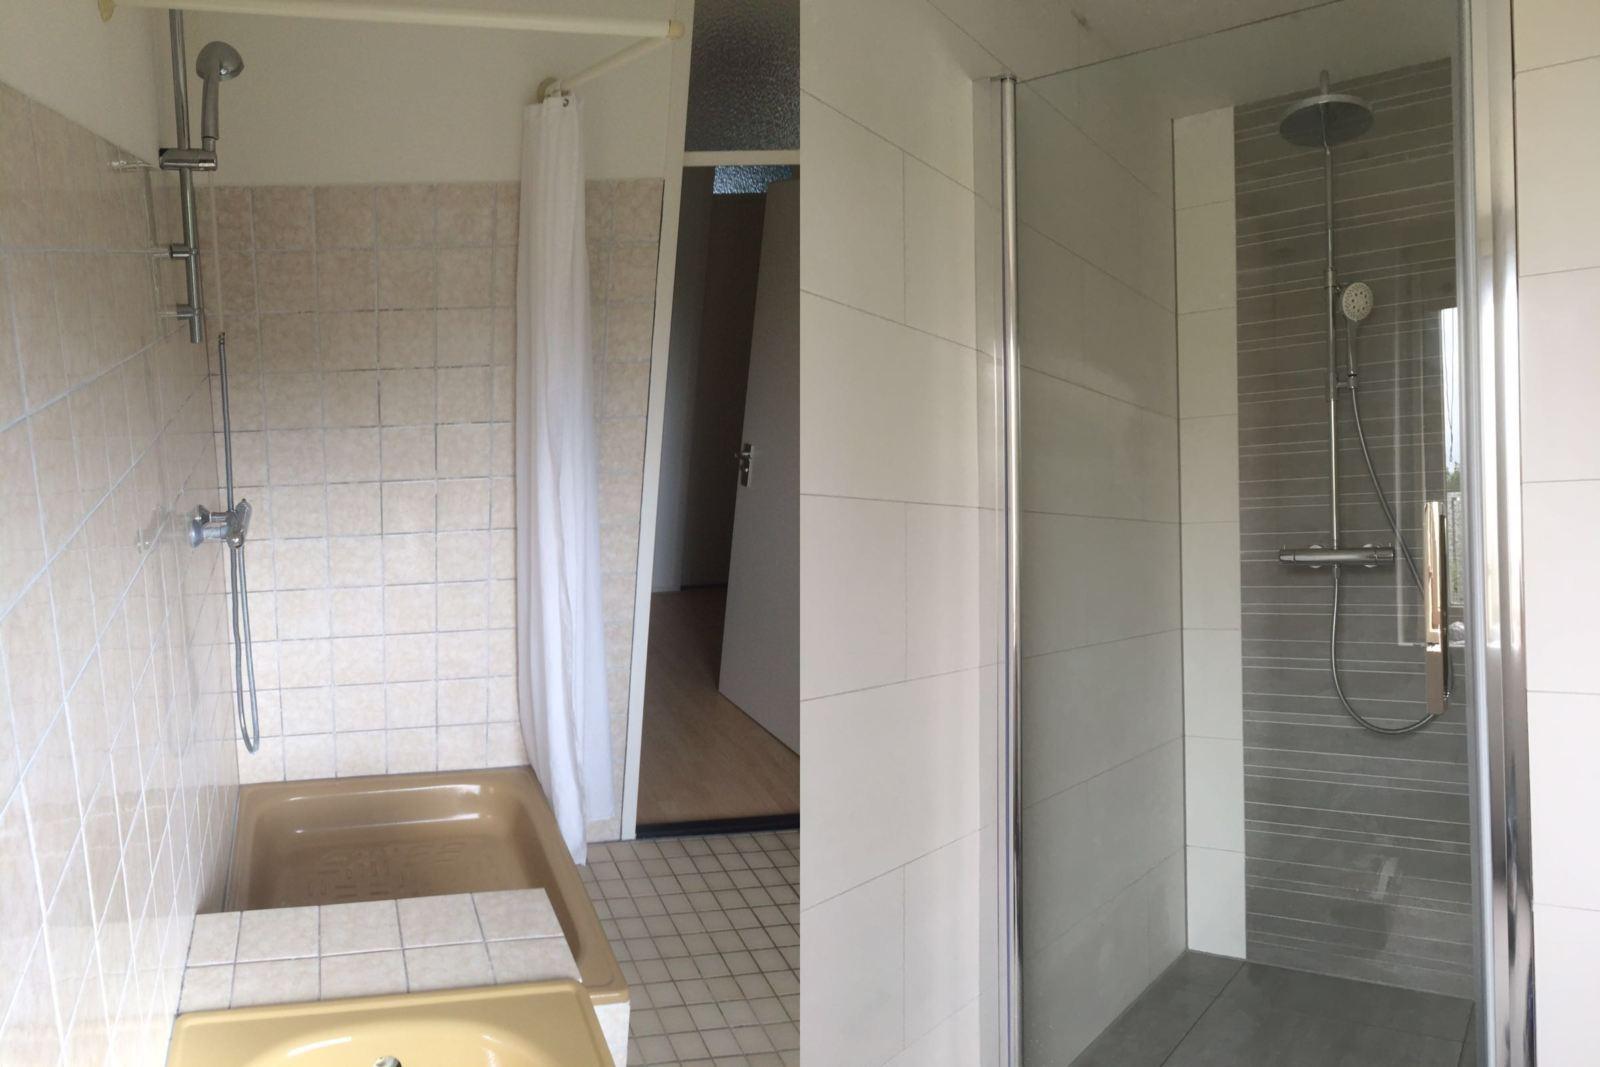 Offerte Badkamer Verbouwen : Badkamer verbouwen apeldoorn u de mheen de klussenier erik scholten